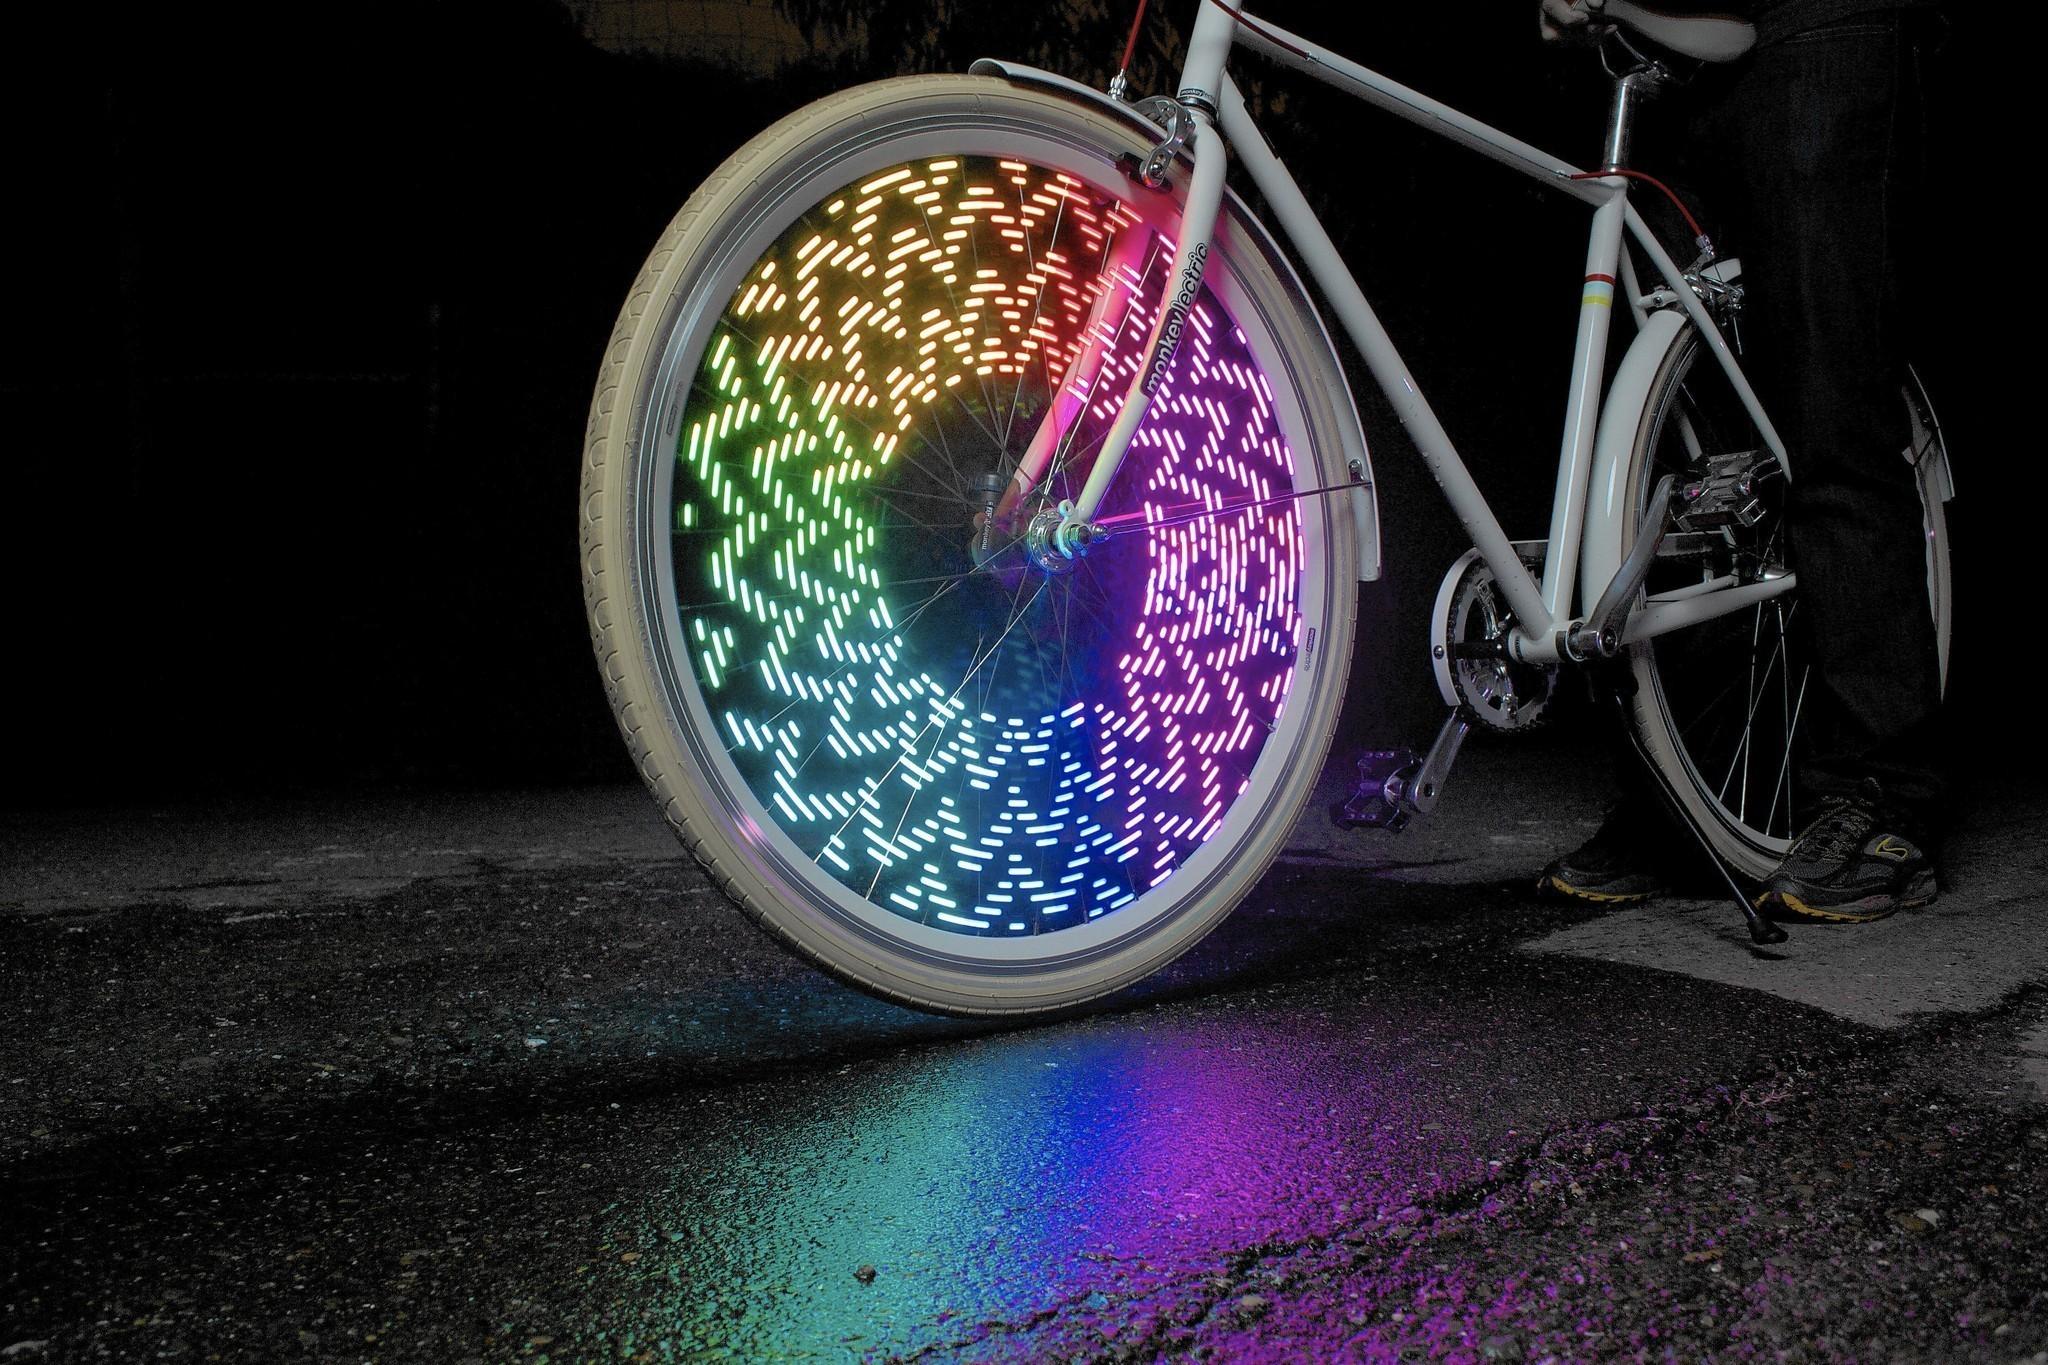 200 Lumen, 32 LEDs, 42 Themes - 4.5 stars - $57 (Prime)